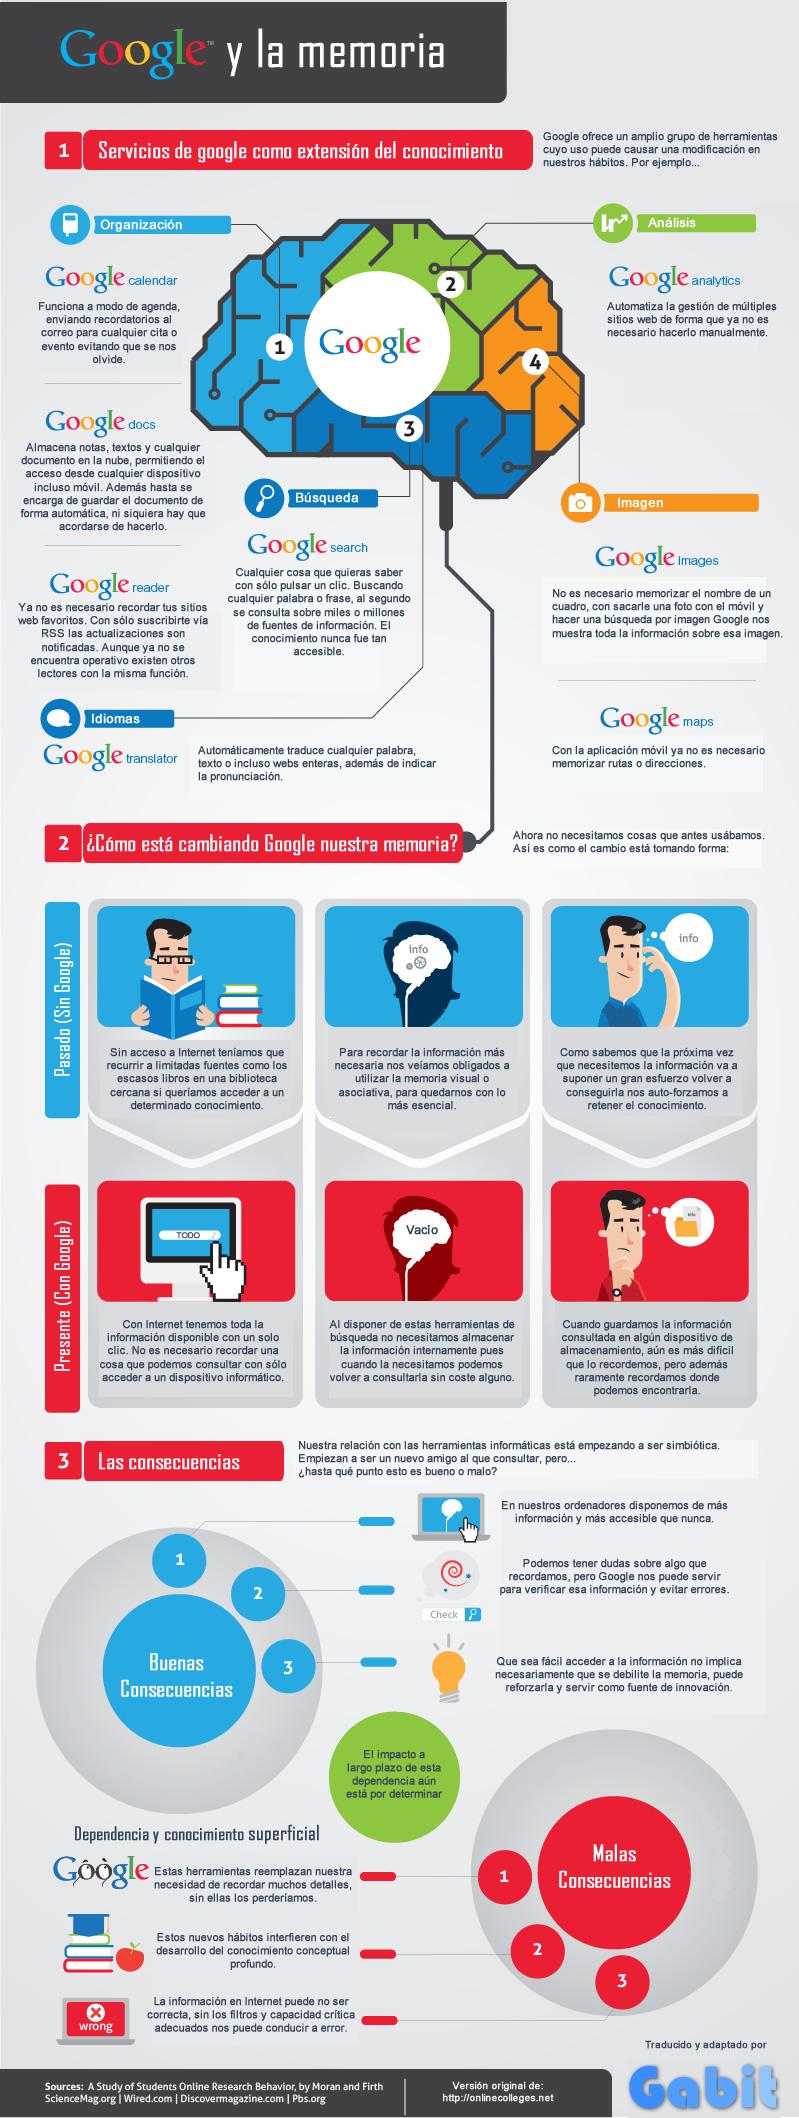 infografia google y la memoria